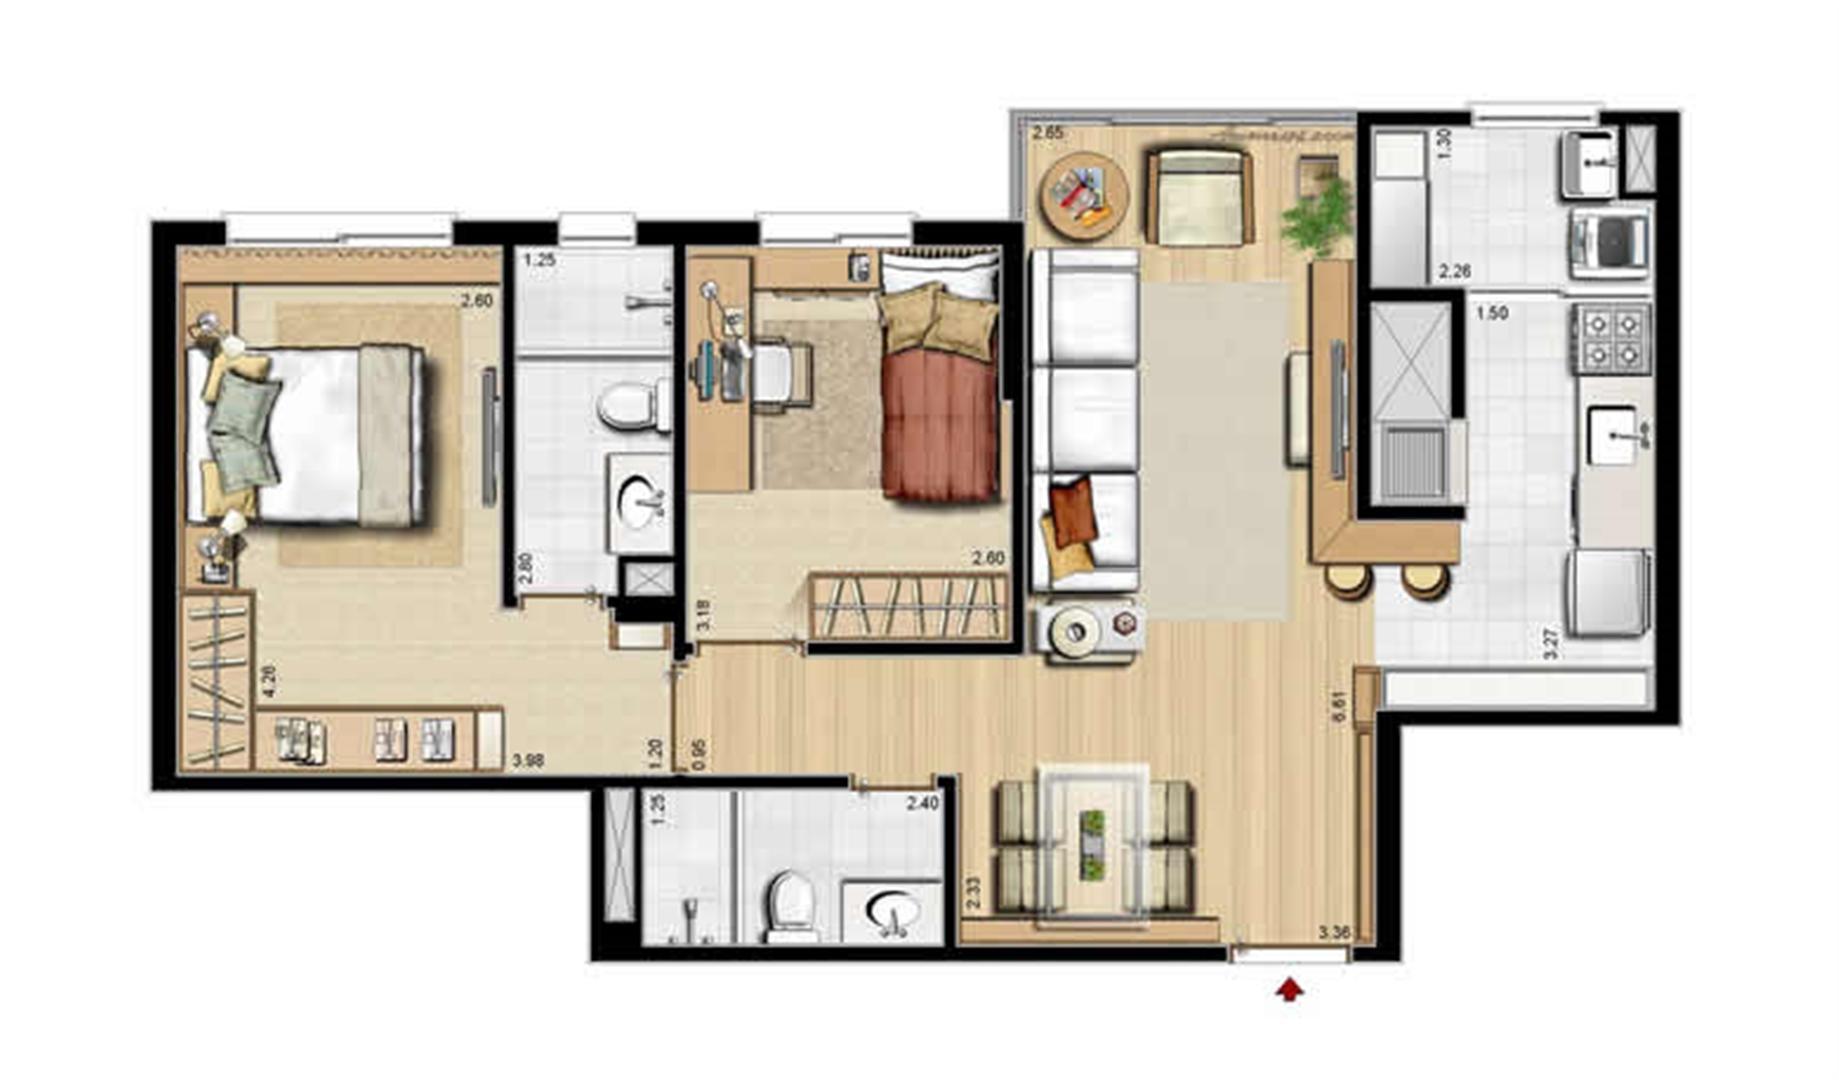 Sacada Integrada – Sugestão de Decoração - 68 m² privativos e 105 m² área total | Villa Mimosa Vita Insolaratta – Apartamento no  Centro - Canoas - Rio Grande do Sul